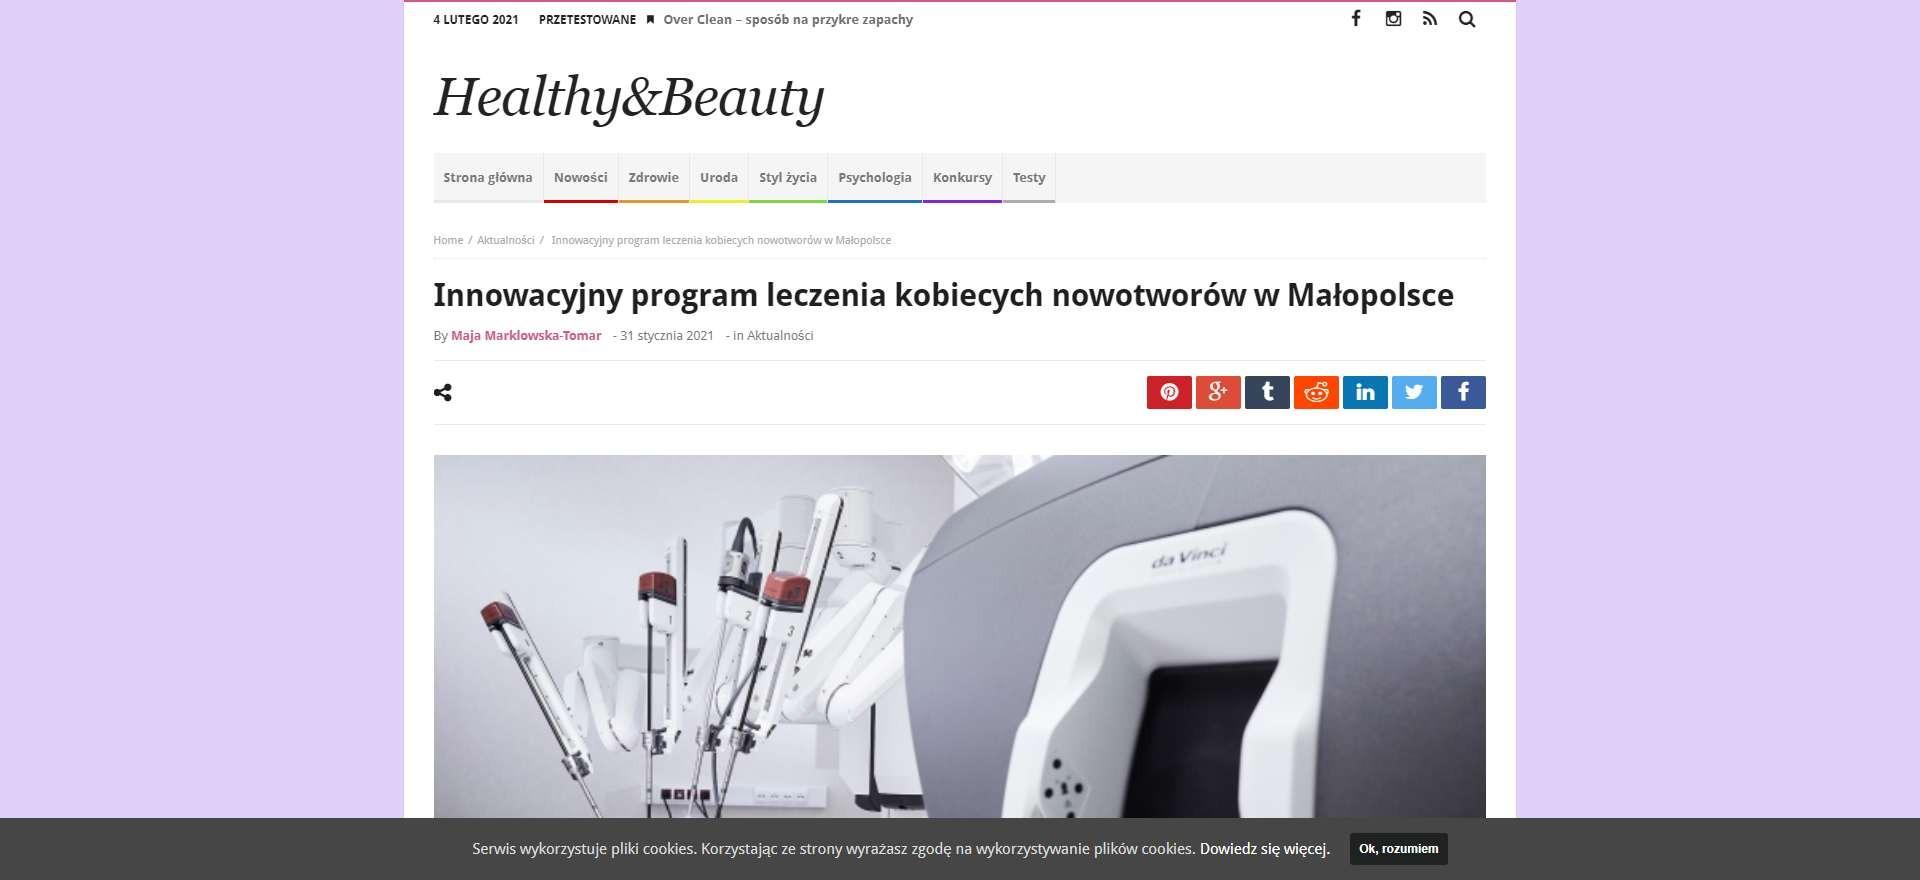 innowacyjny program leczenia kobiecych nowotworow w malopolsce